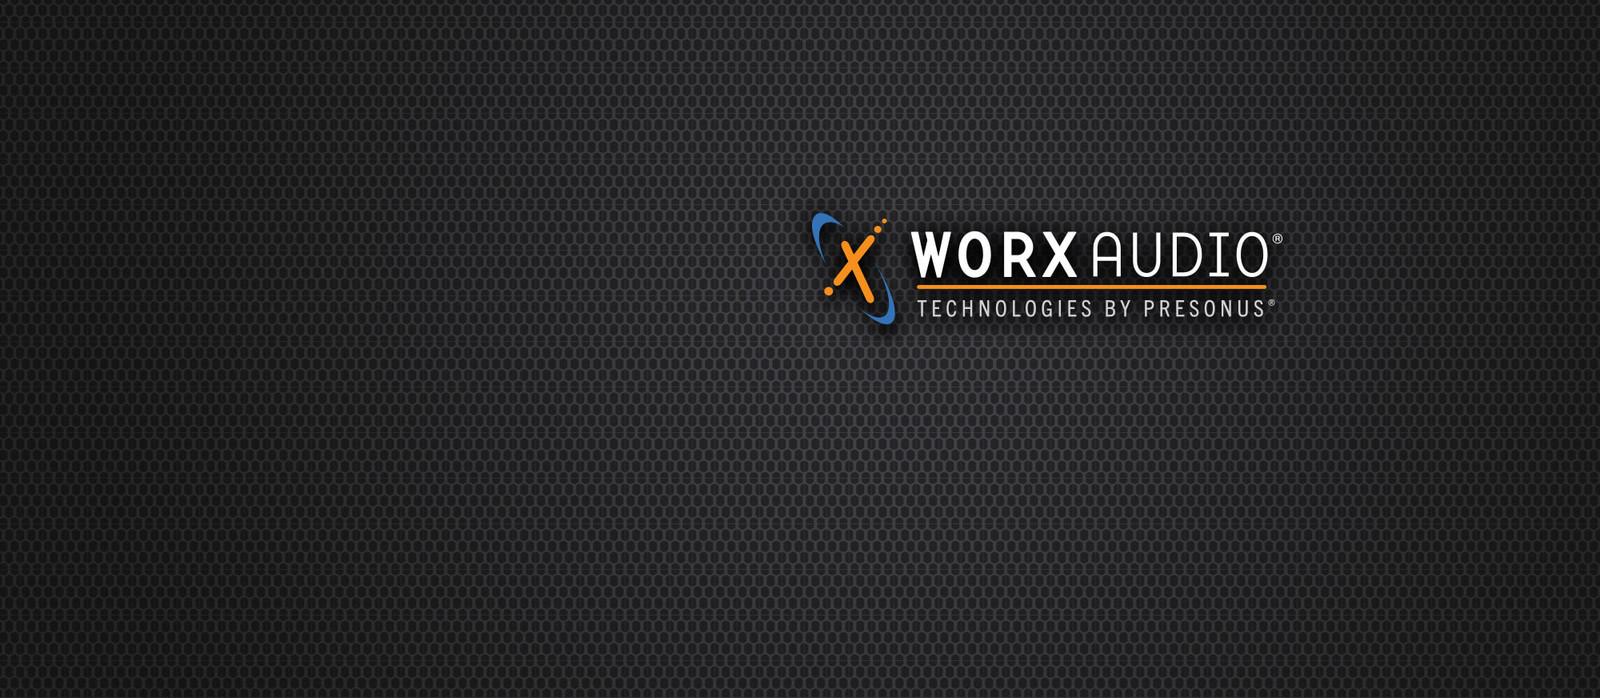 WORX Audio